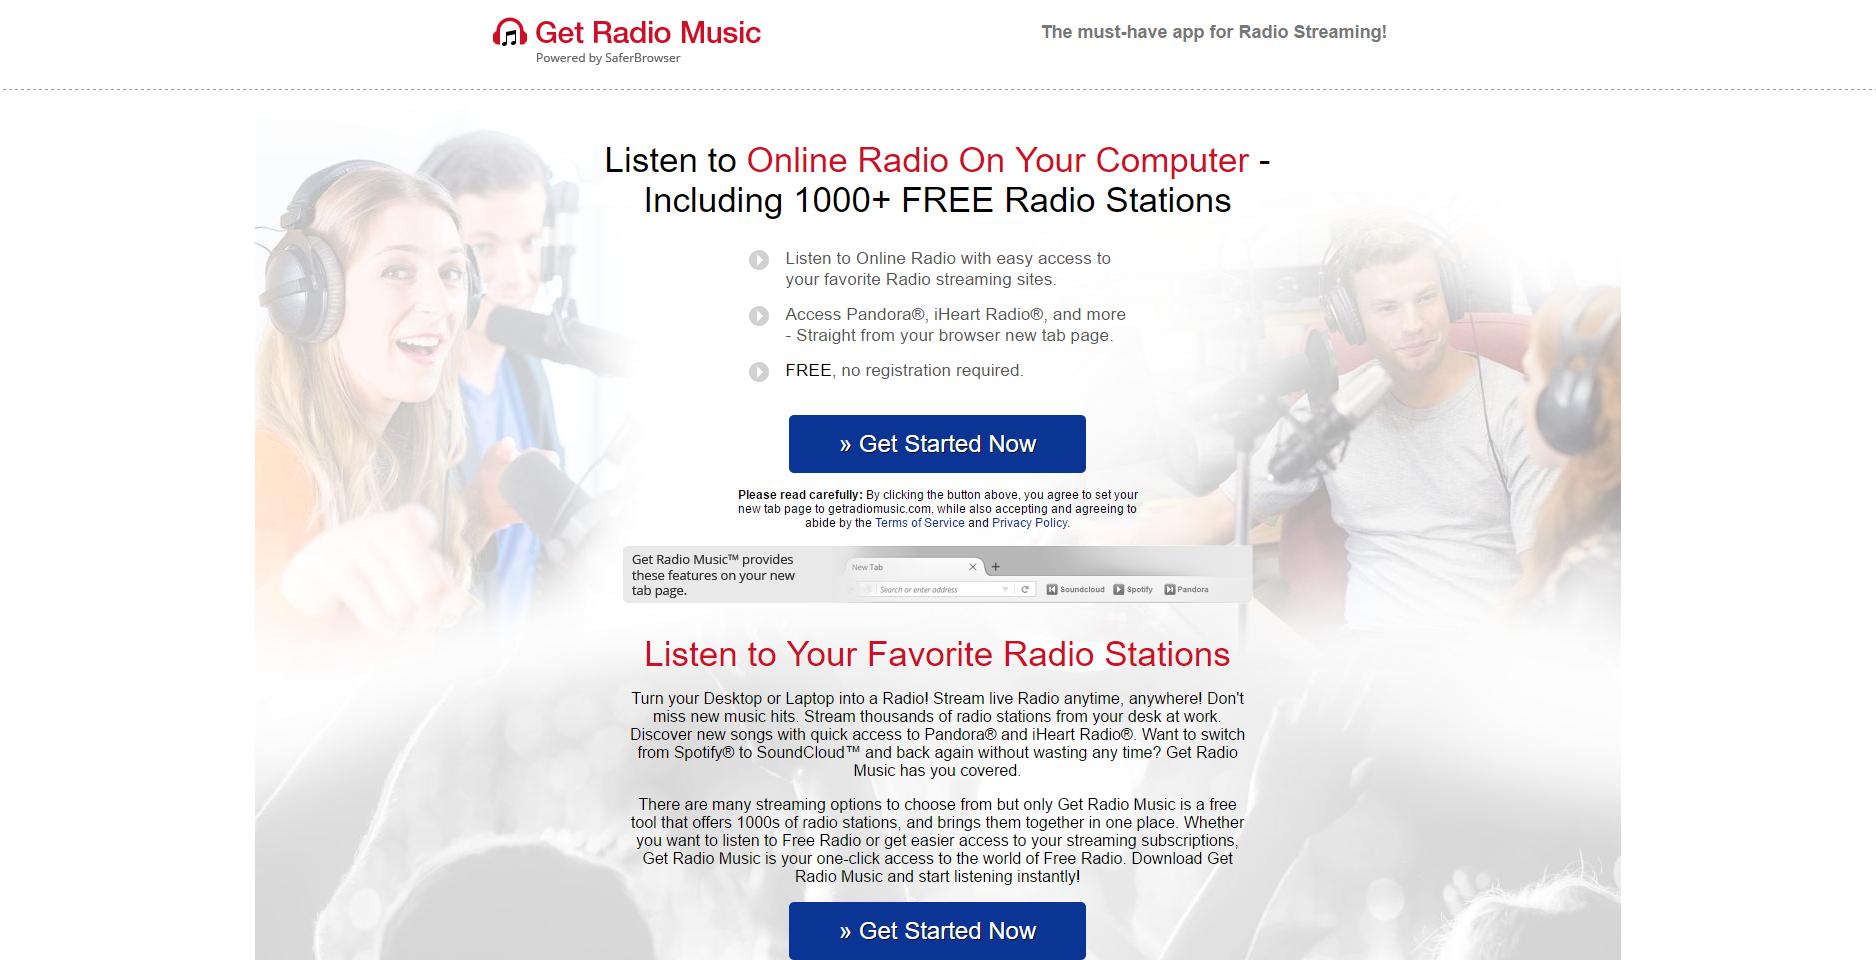 Get Radio Music Ads